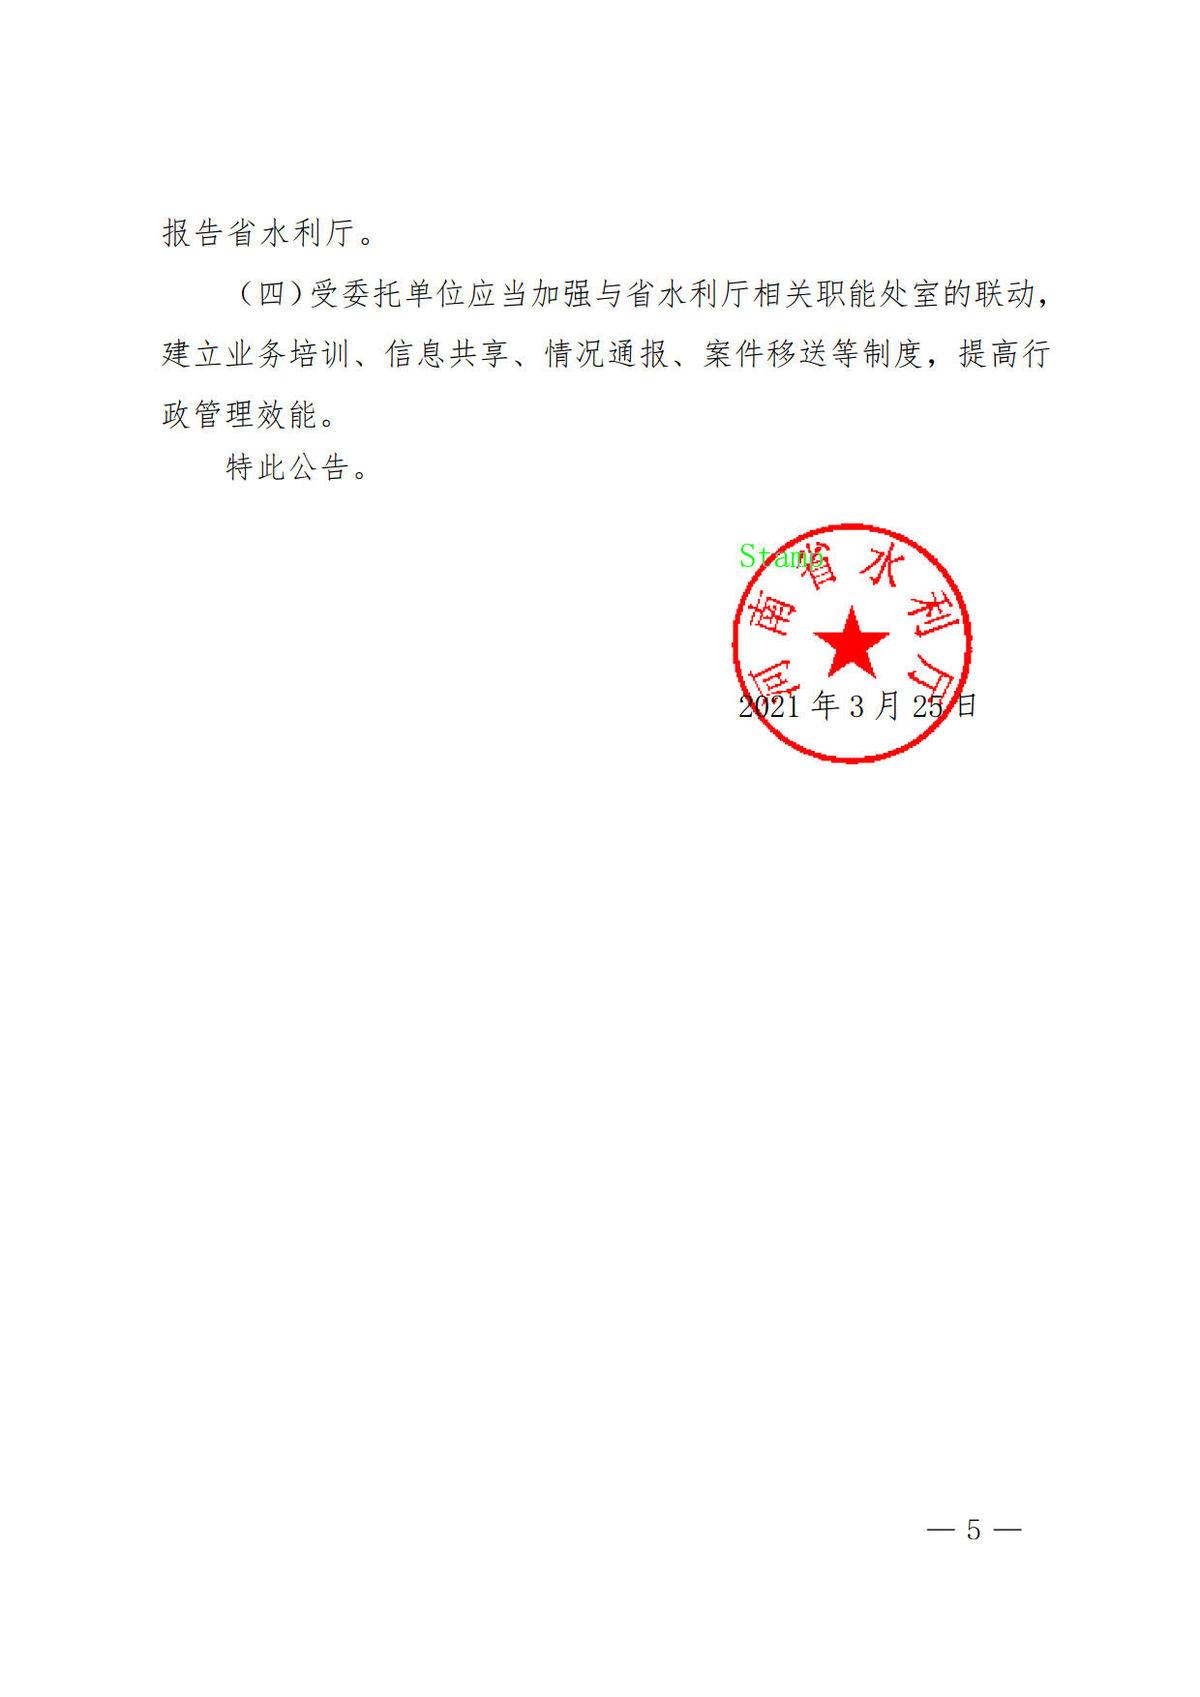 河南省水利厅关于委托实施省级水行政管理权限事项的公告